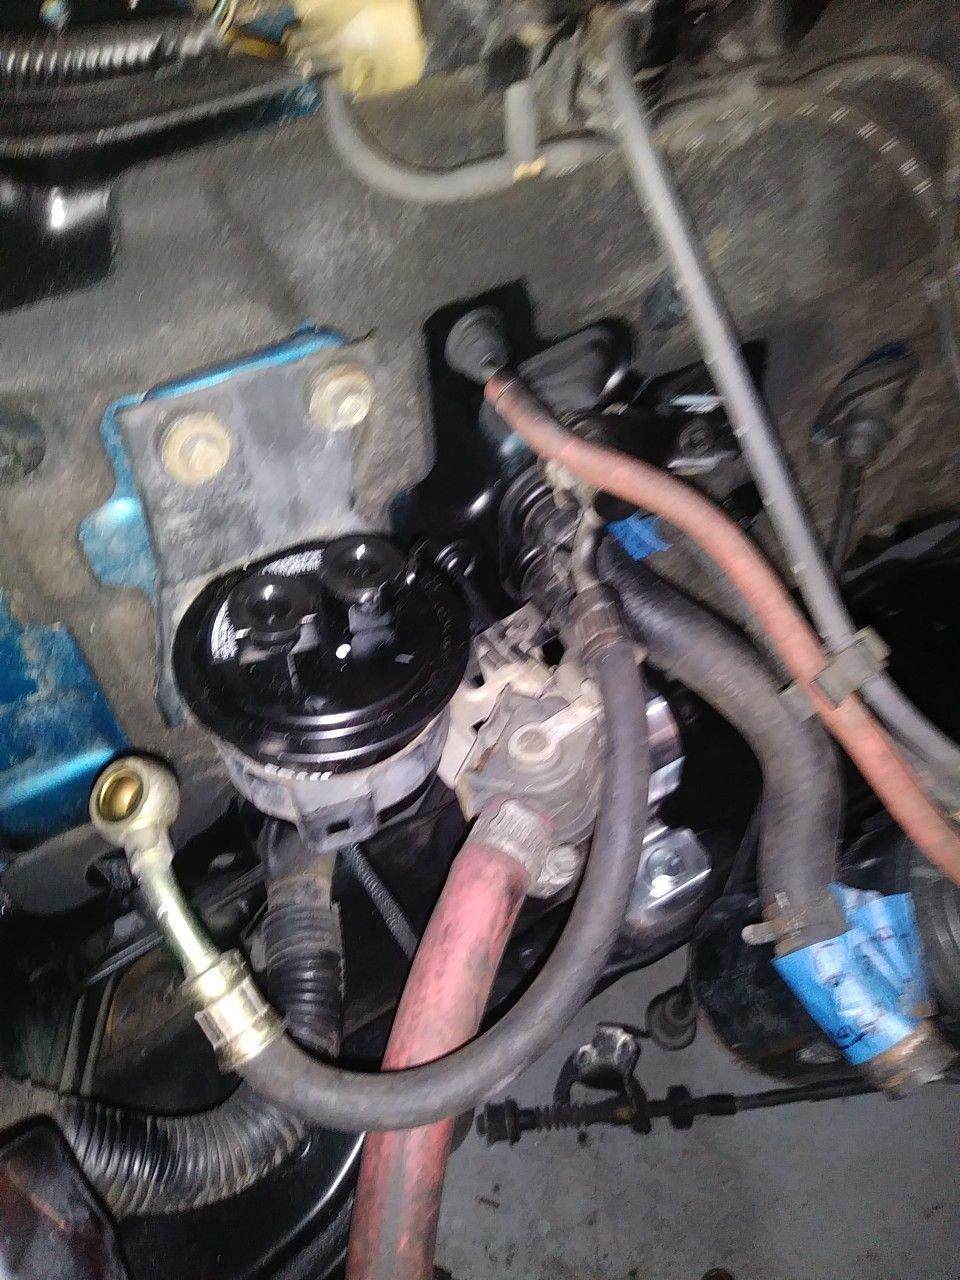 new fuel filter honda crx rebuild home appliances honda crxnew fuel filter honda crx  [ 960 x 1280 Pixel ]